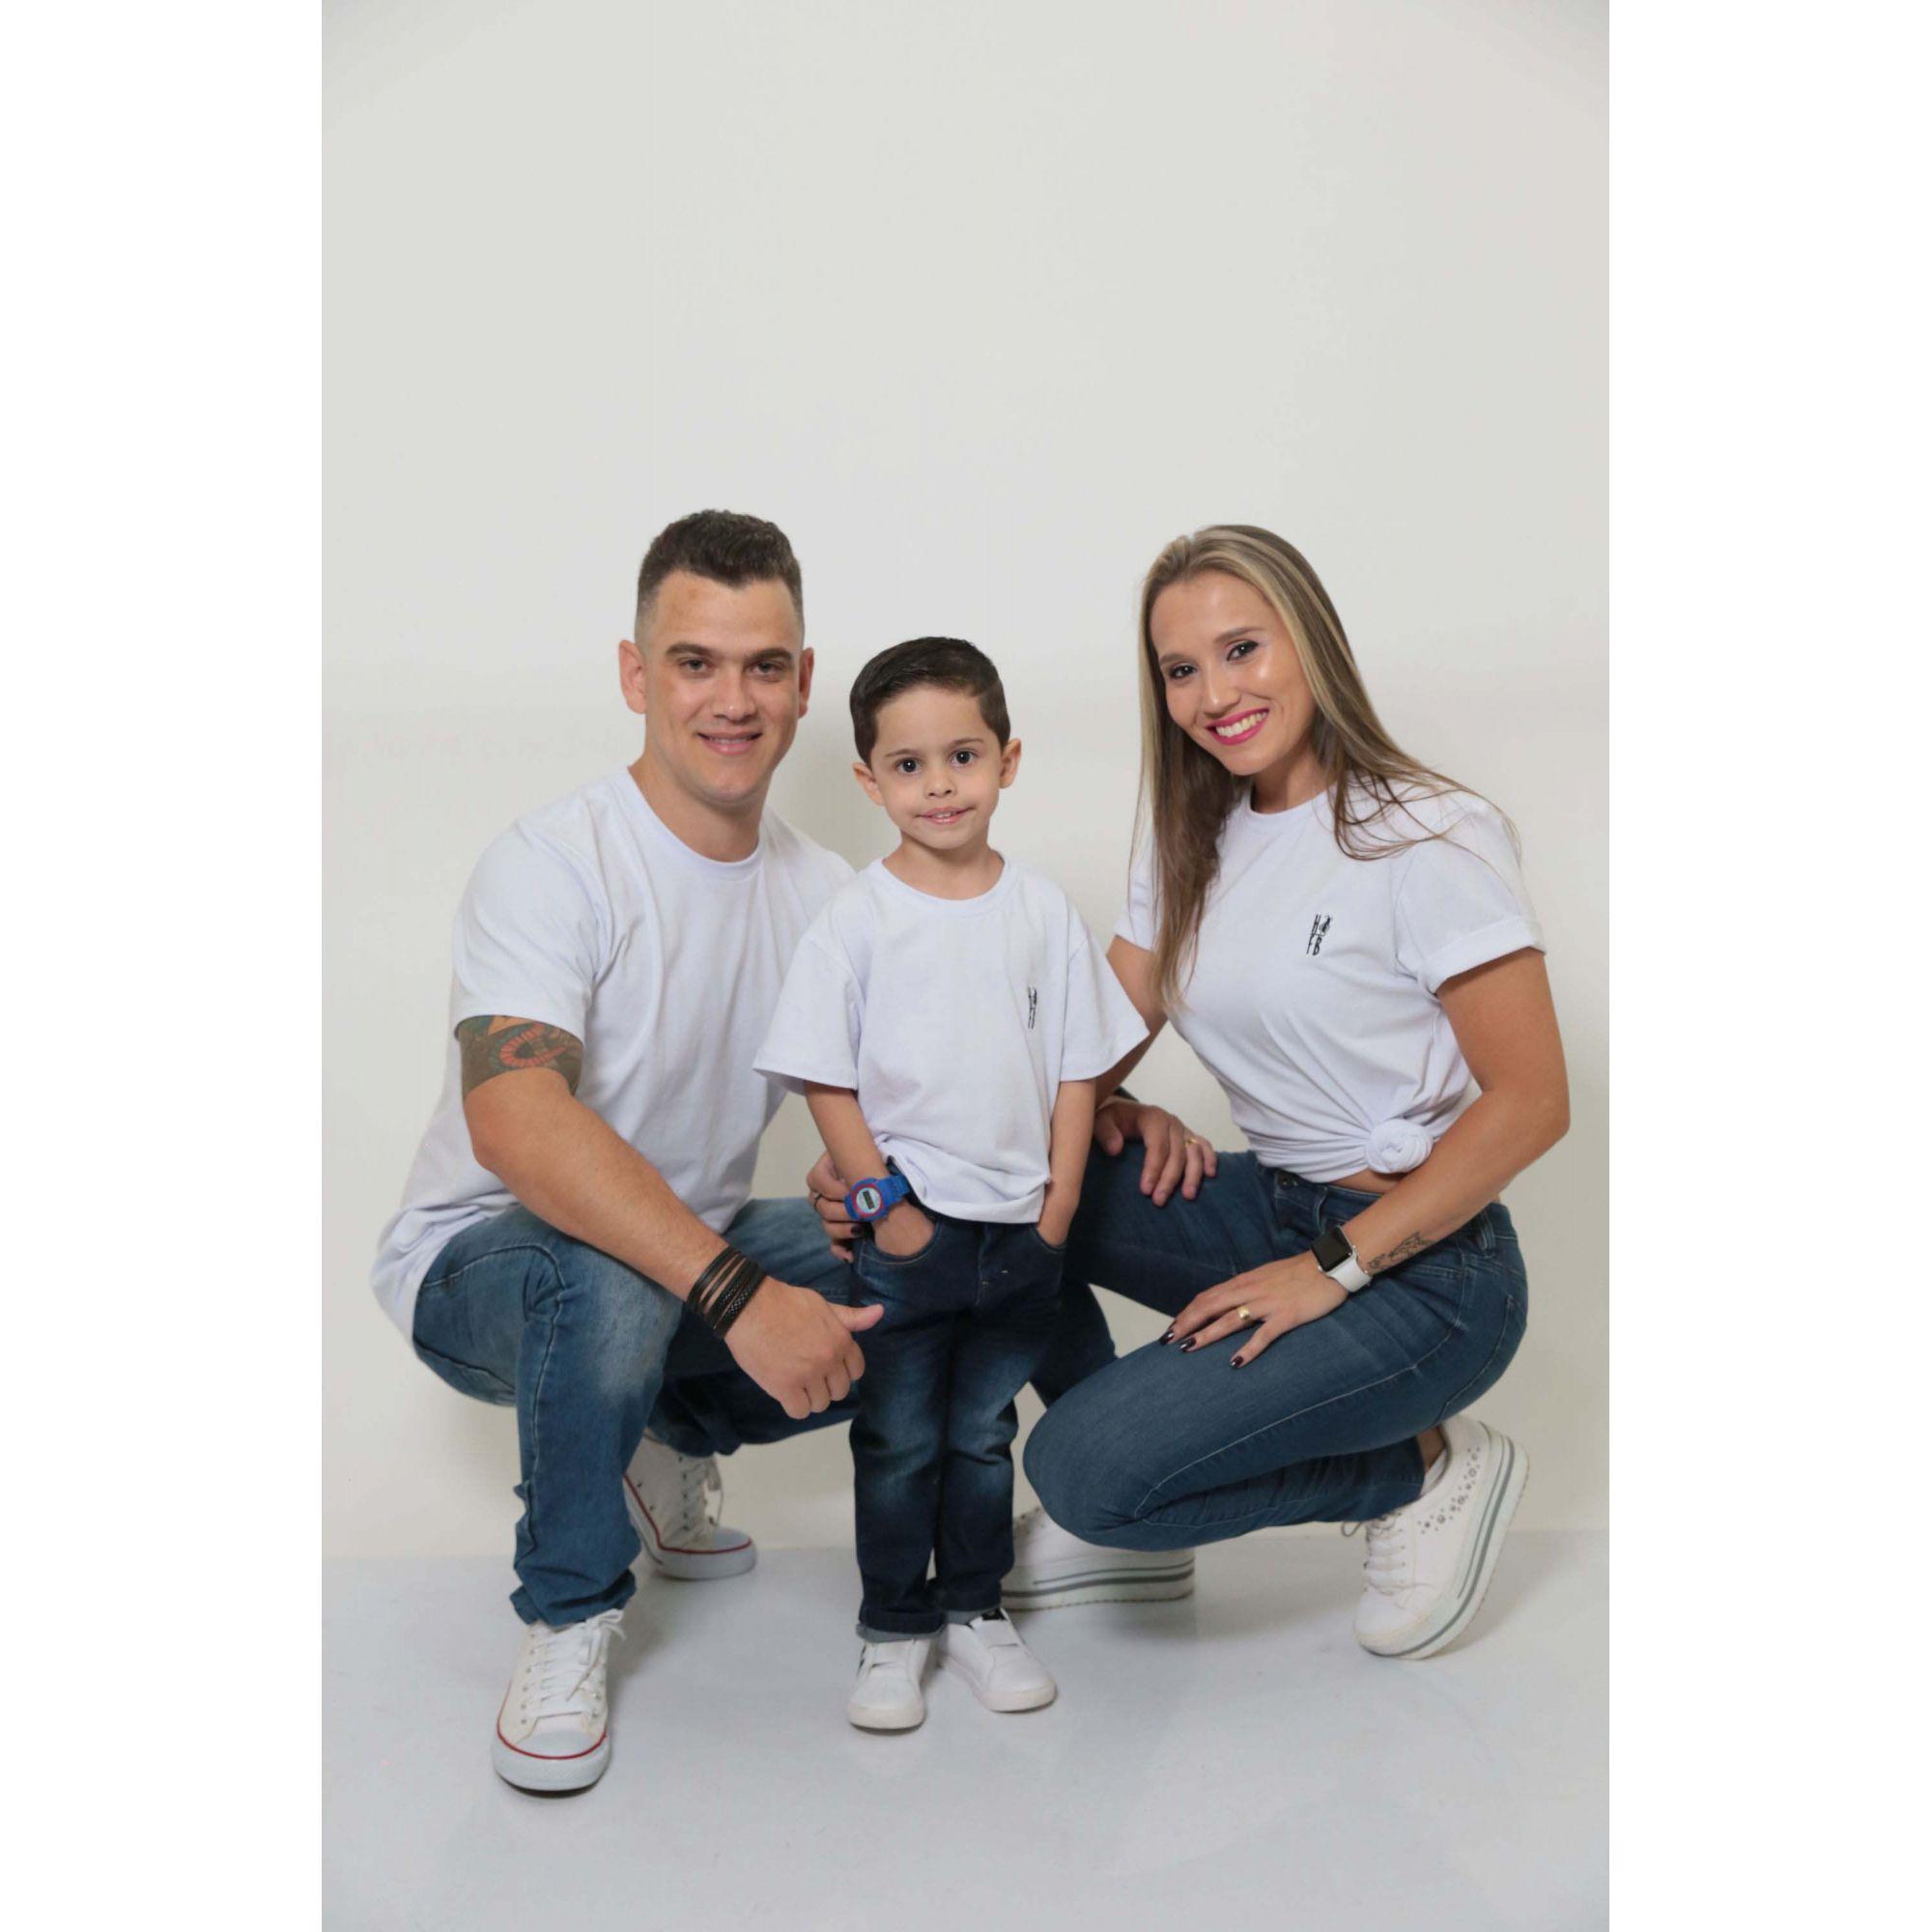 PAIS E FILHOS > Kit 3 Peças T-Shirt - Branca [Coleção Família]  - Heitor Fashion Brazil